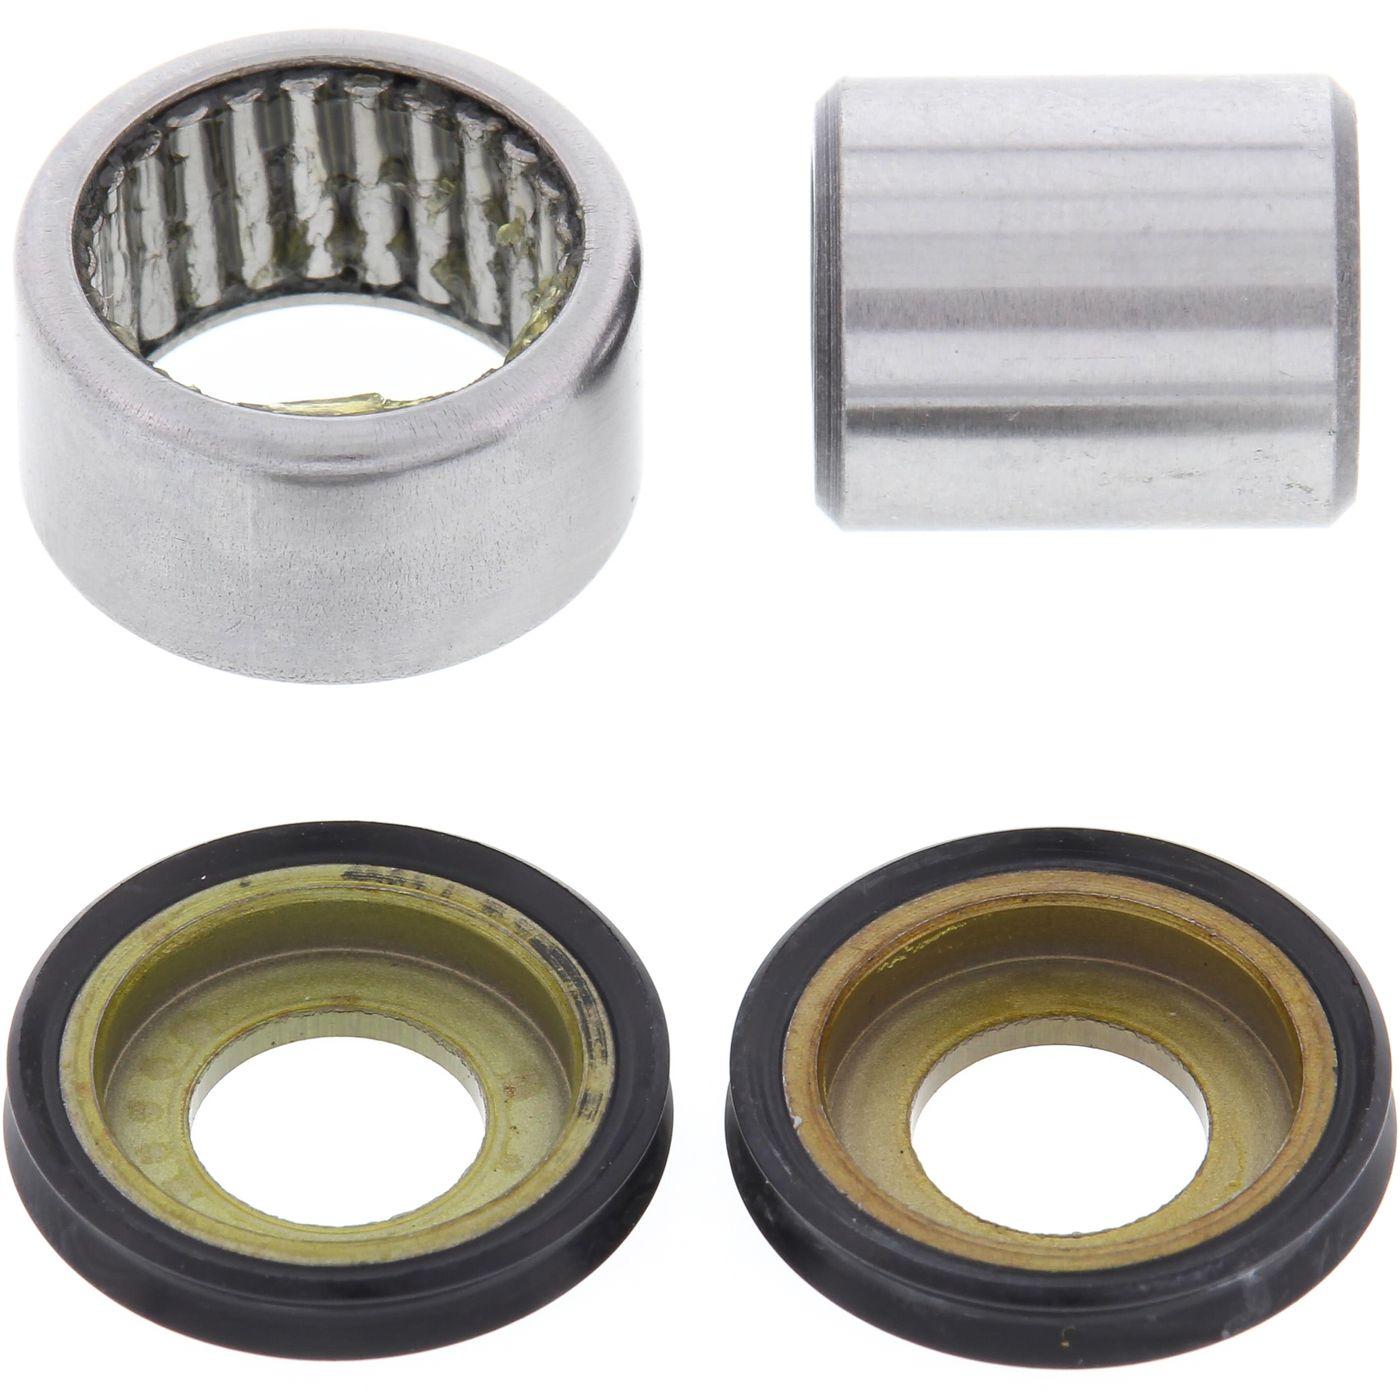 wrp shock bearing kits - WRP291002 image